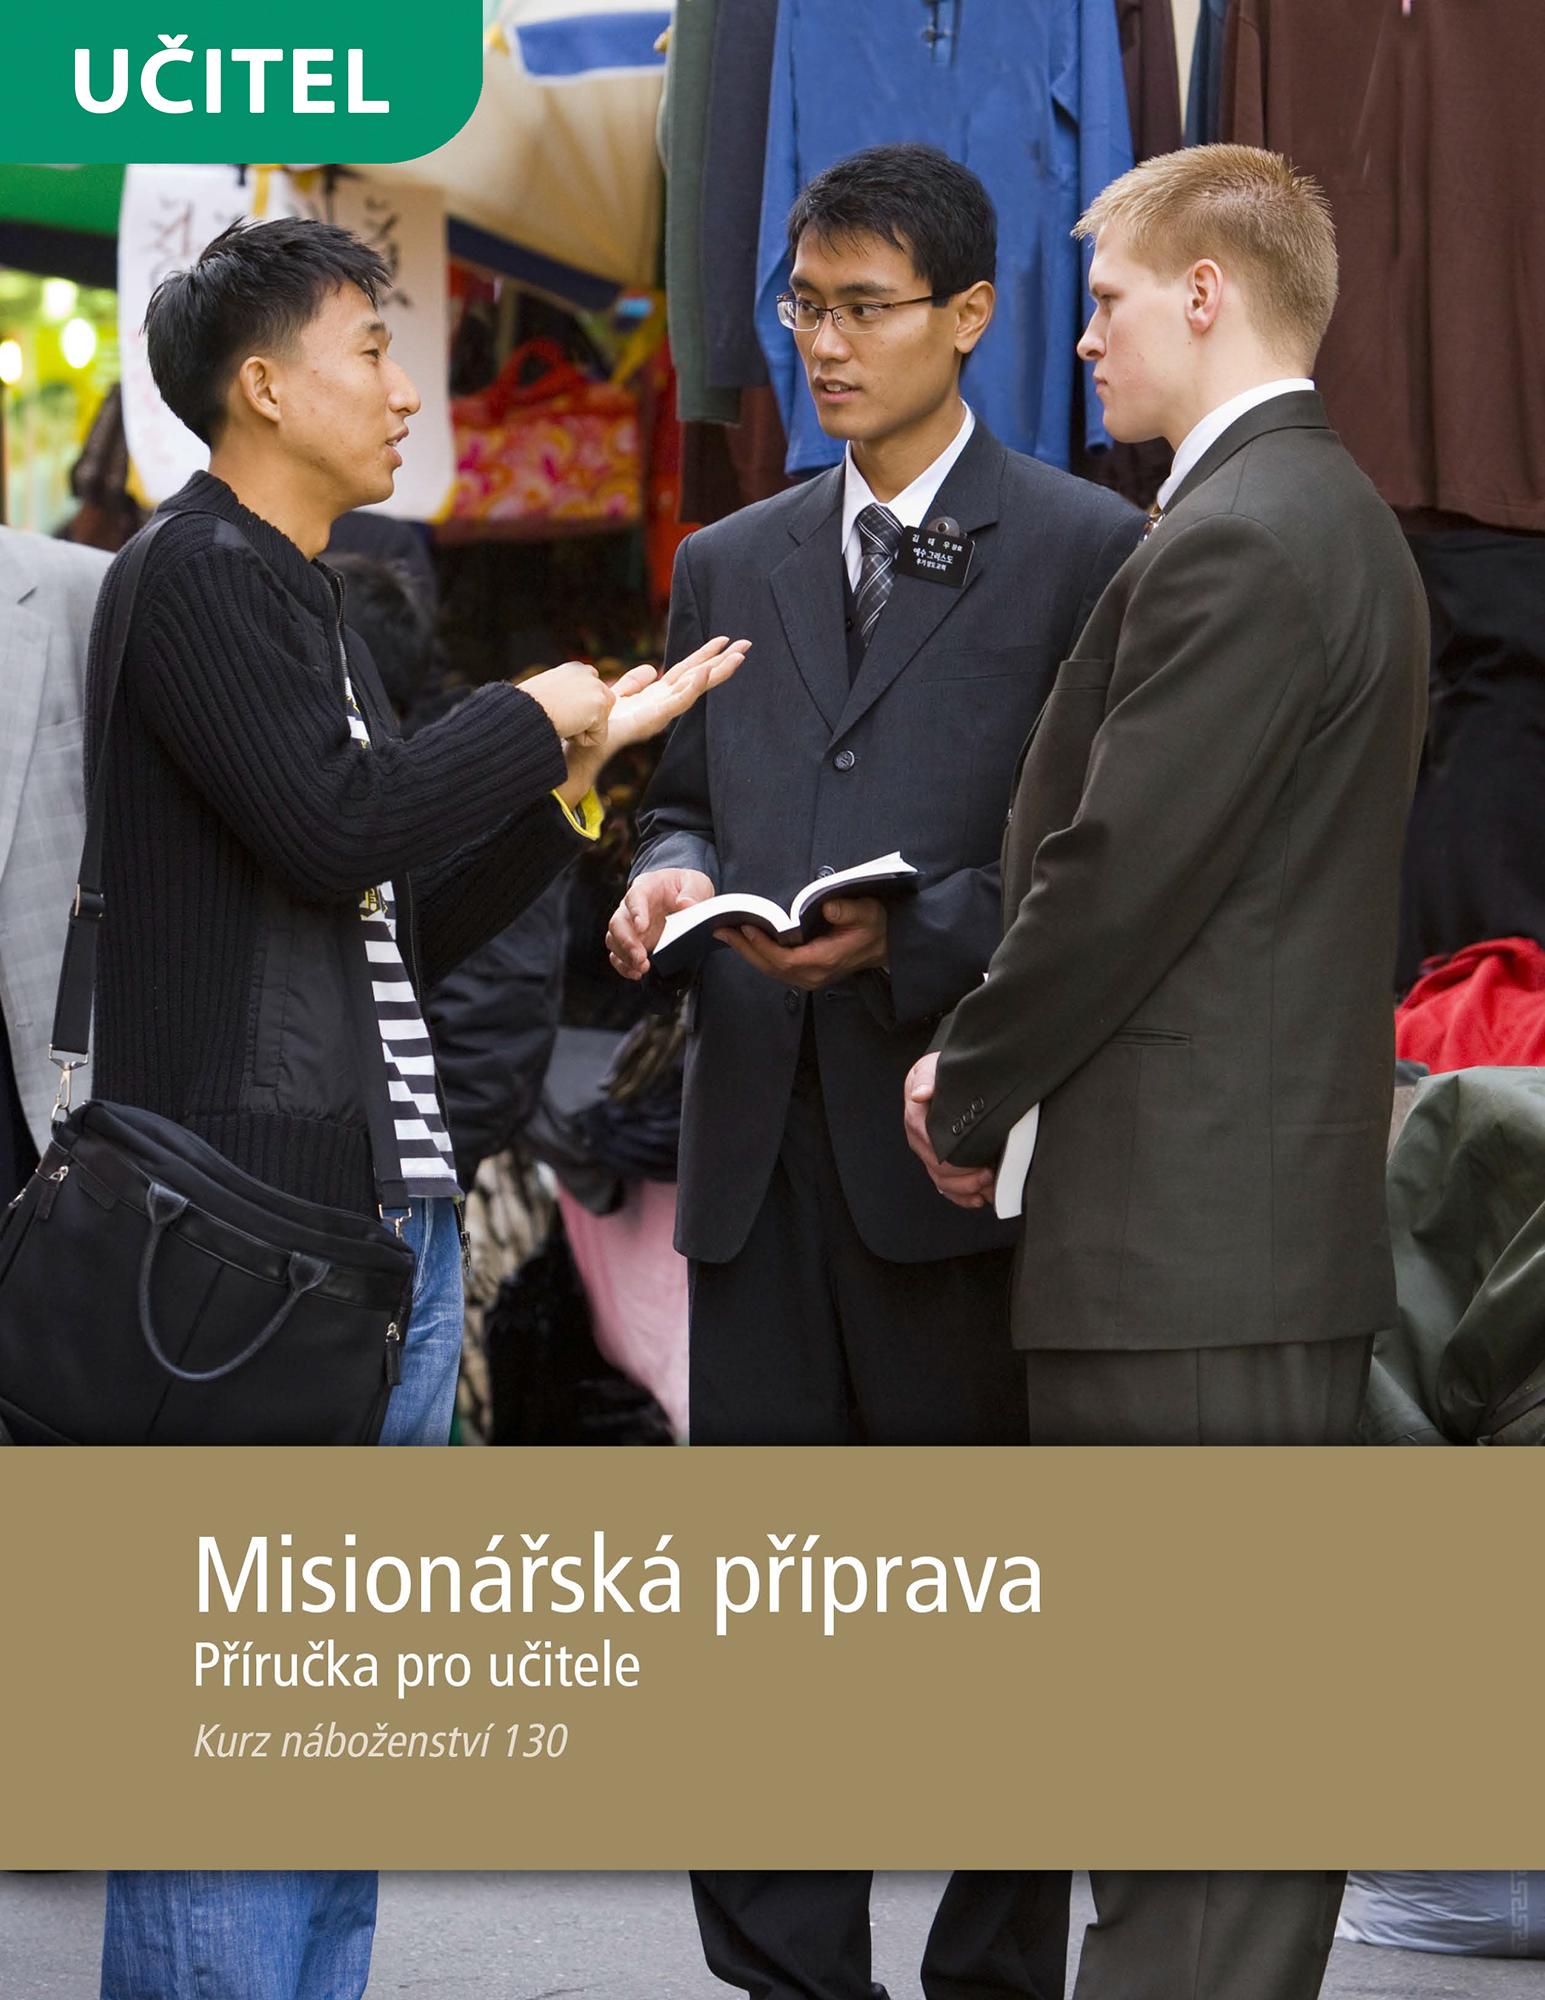 Misionářská příprava – příručka pro učitele (Kurz 130)